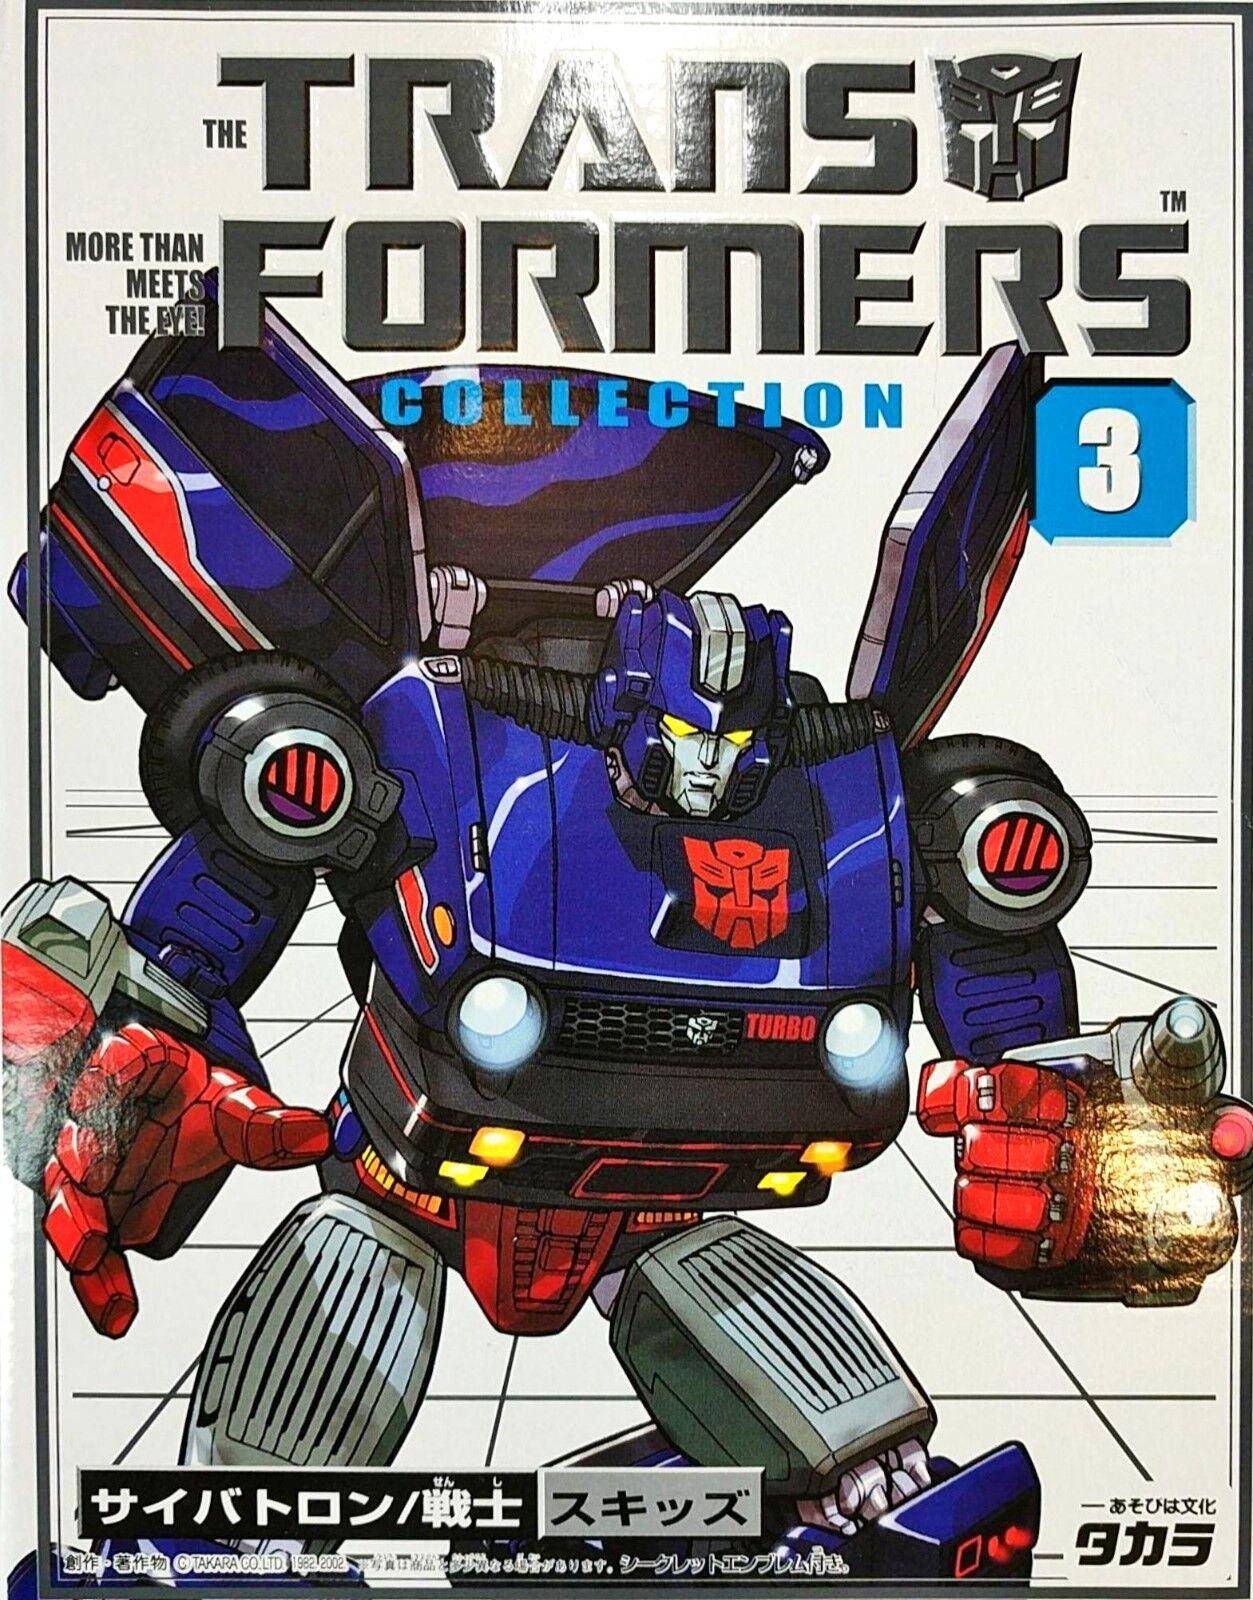 G1 transformers skidz tf sammlung takara buch neuauflage   3 versiegelt komplette minze